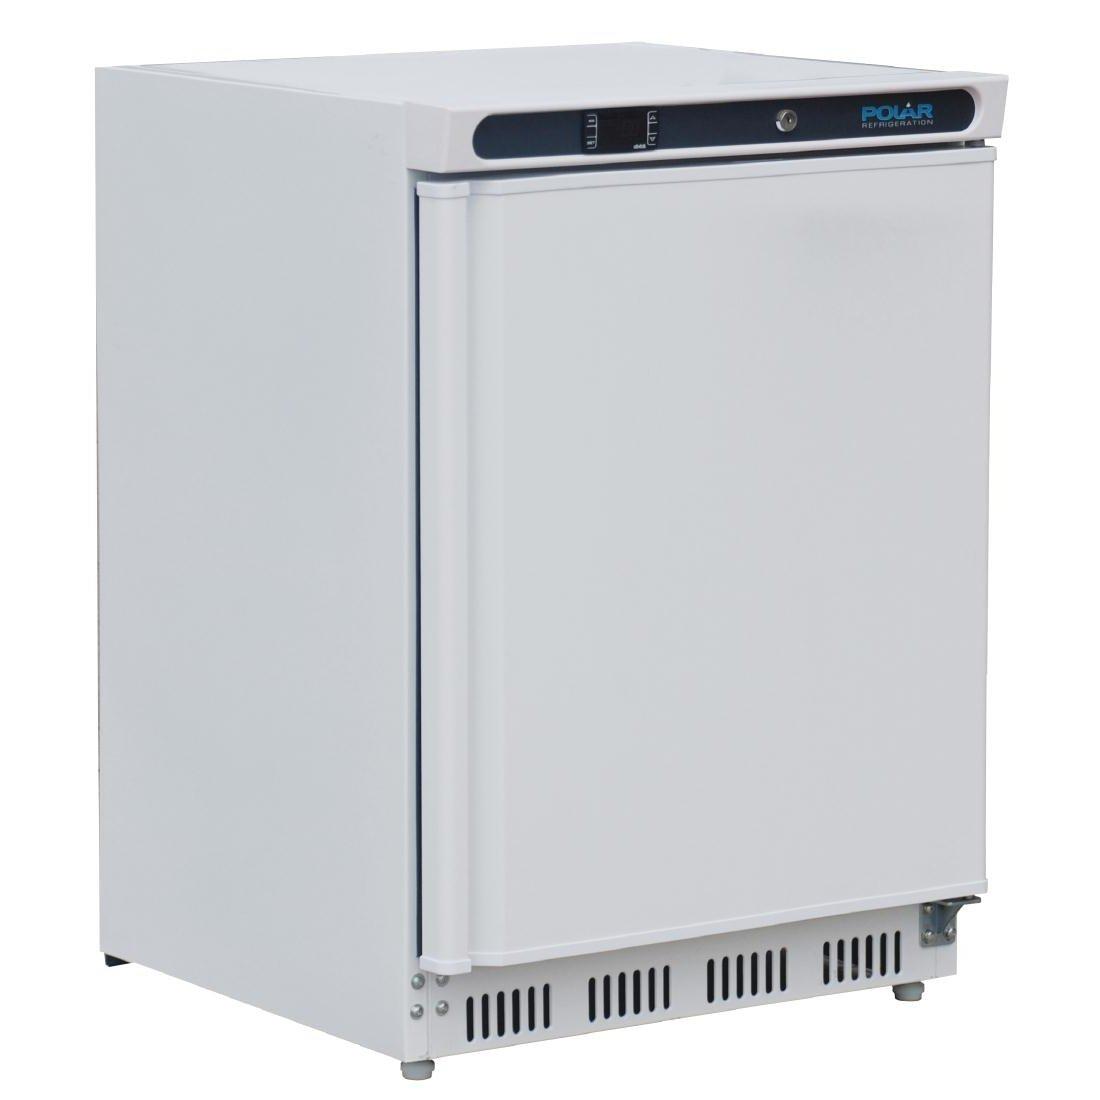 Kühlschrank Tischmodell 150Liter Energieeffizienzklasse A ...